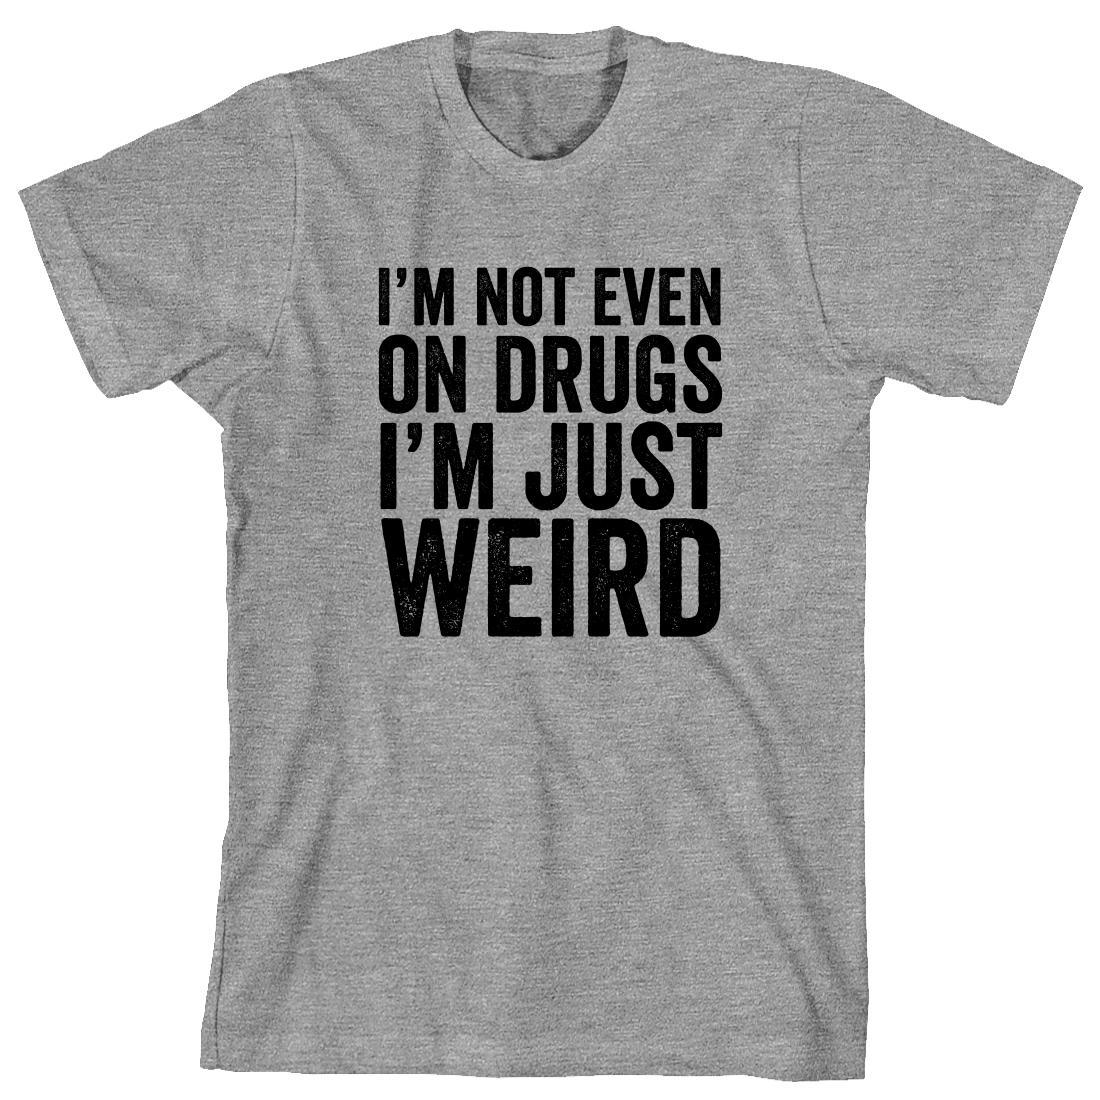 baefc8a3 Weird T Shirts Design - DREAMWORKS